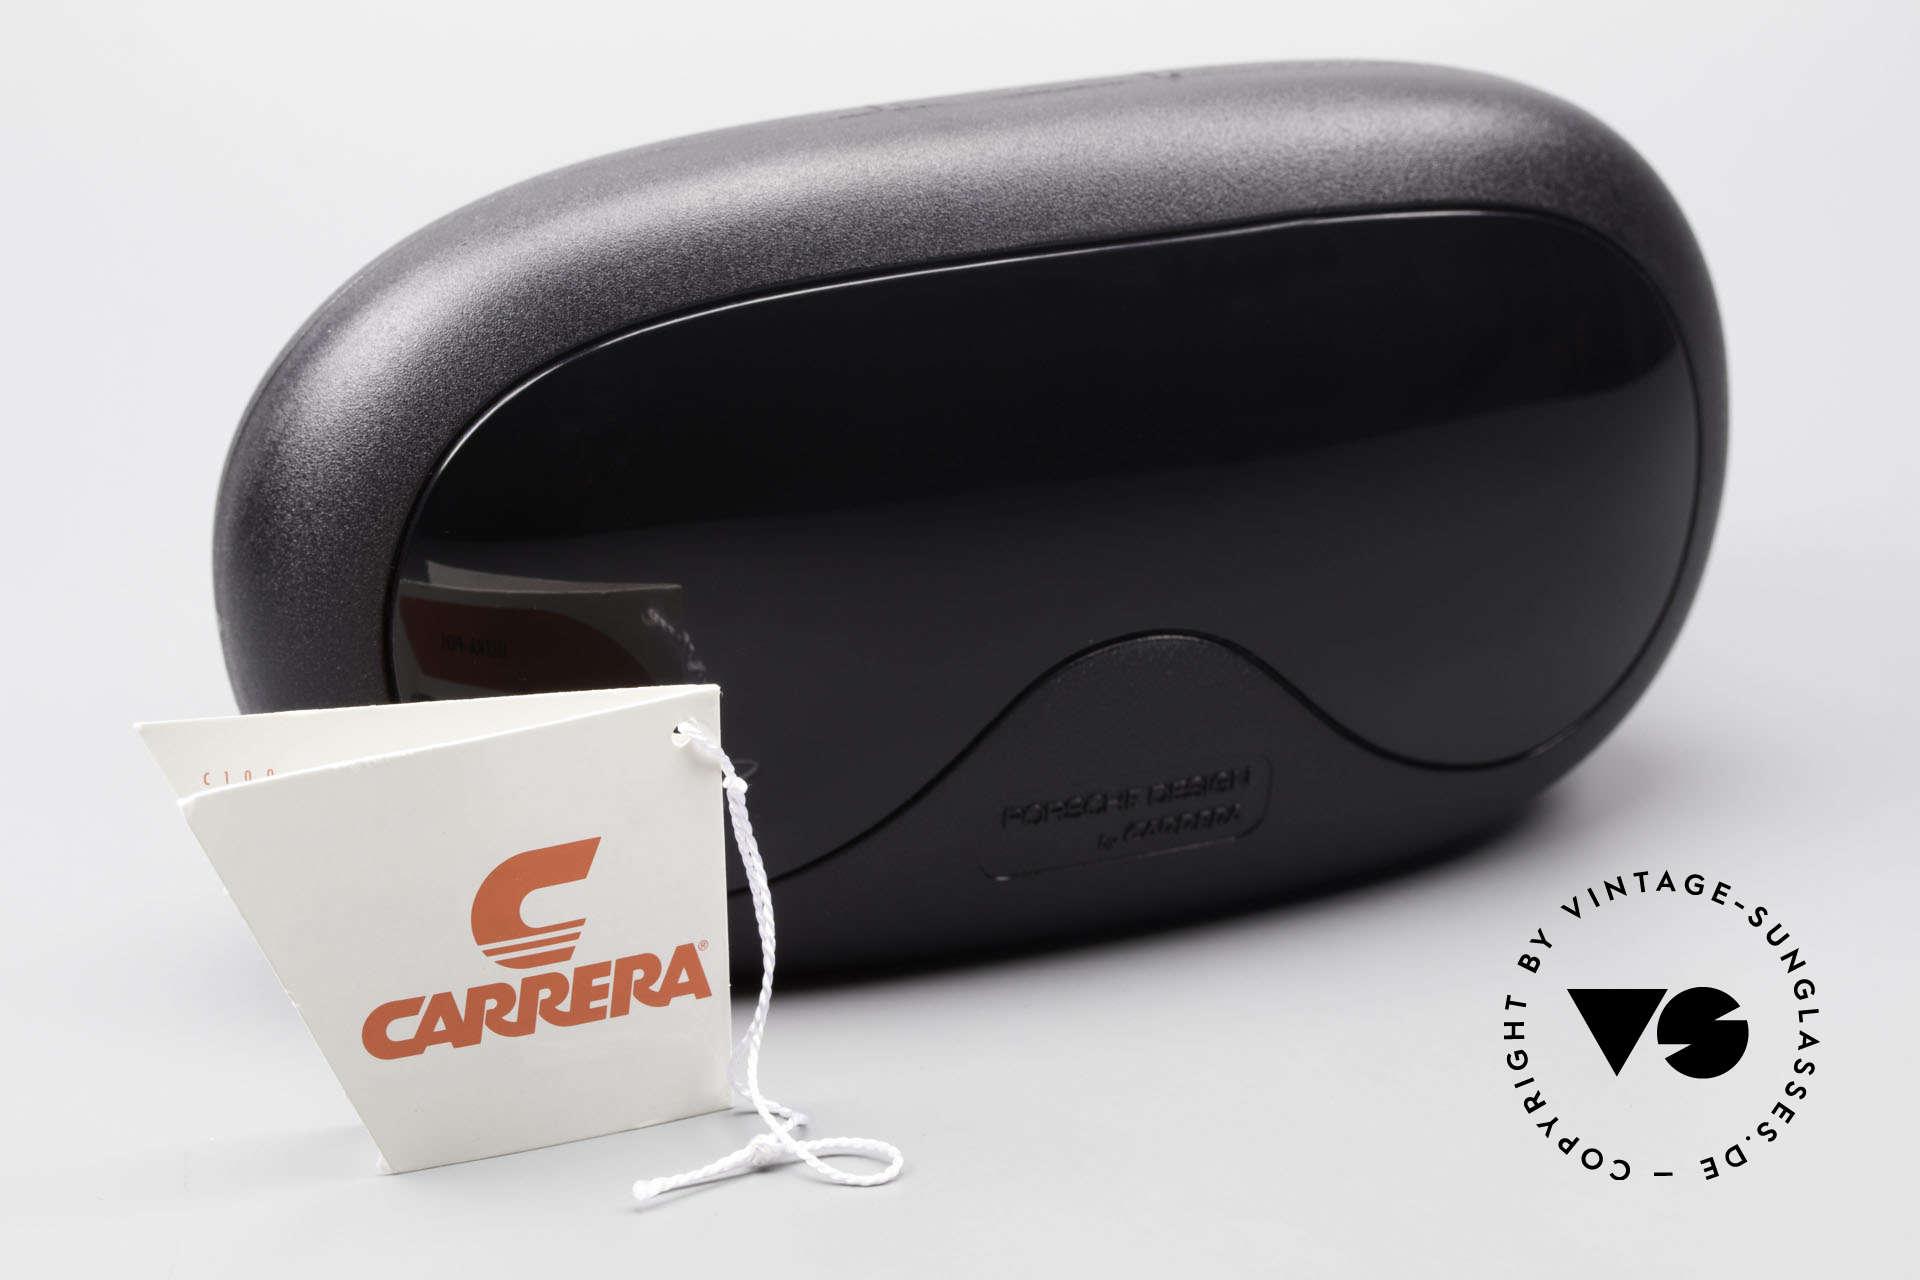 Carrera 5565 Alte Sonnenbrille 80er Vintage, schwarz mit Gläsern in braun Verlauf (100% UV prot.), Passend für Herren und Damen